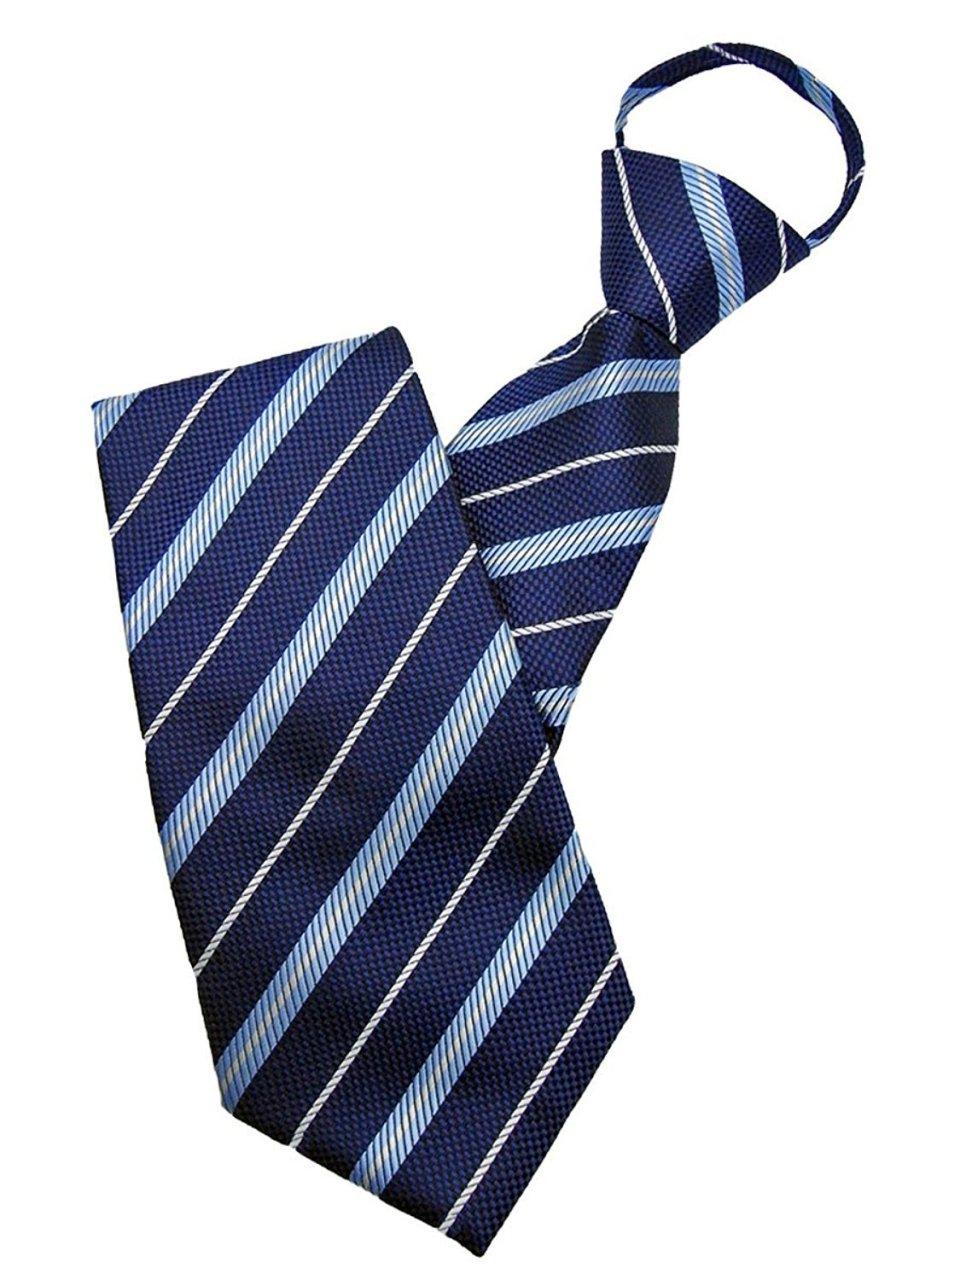 ネクタイがパフォーマンス向上に貢献!シーンで使い分ける正しいネクタイの色選び 3番目の画像